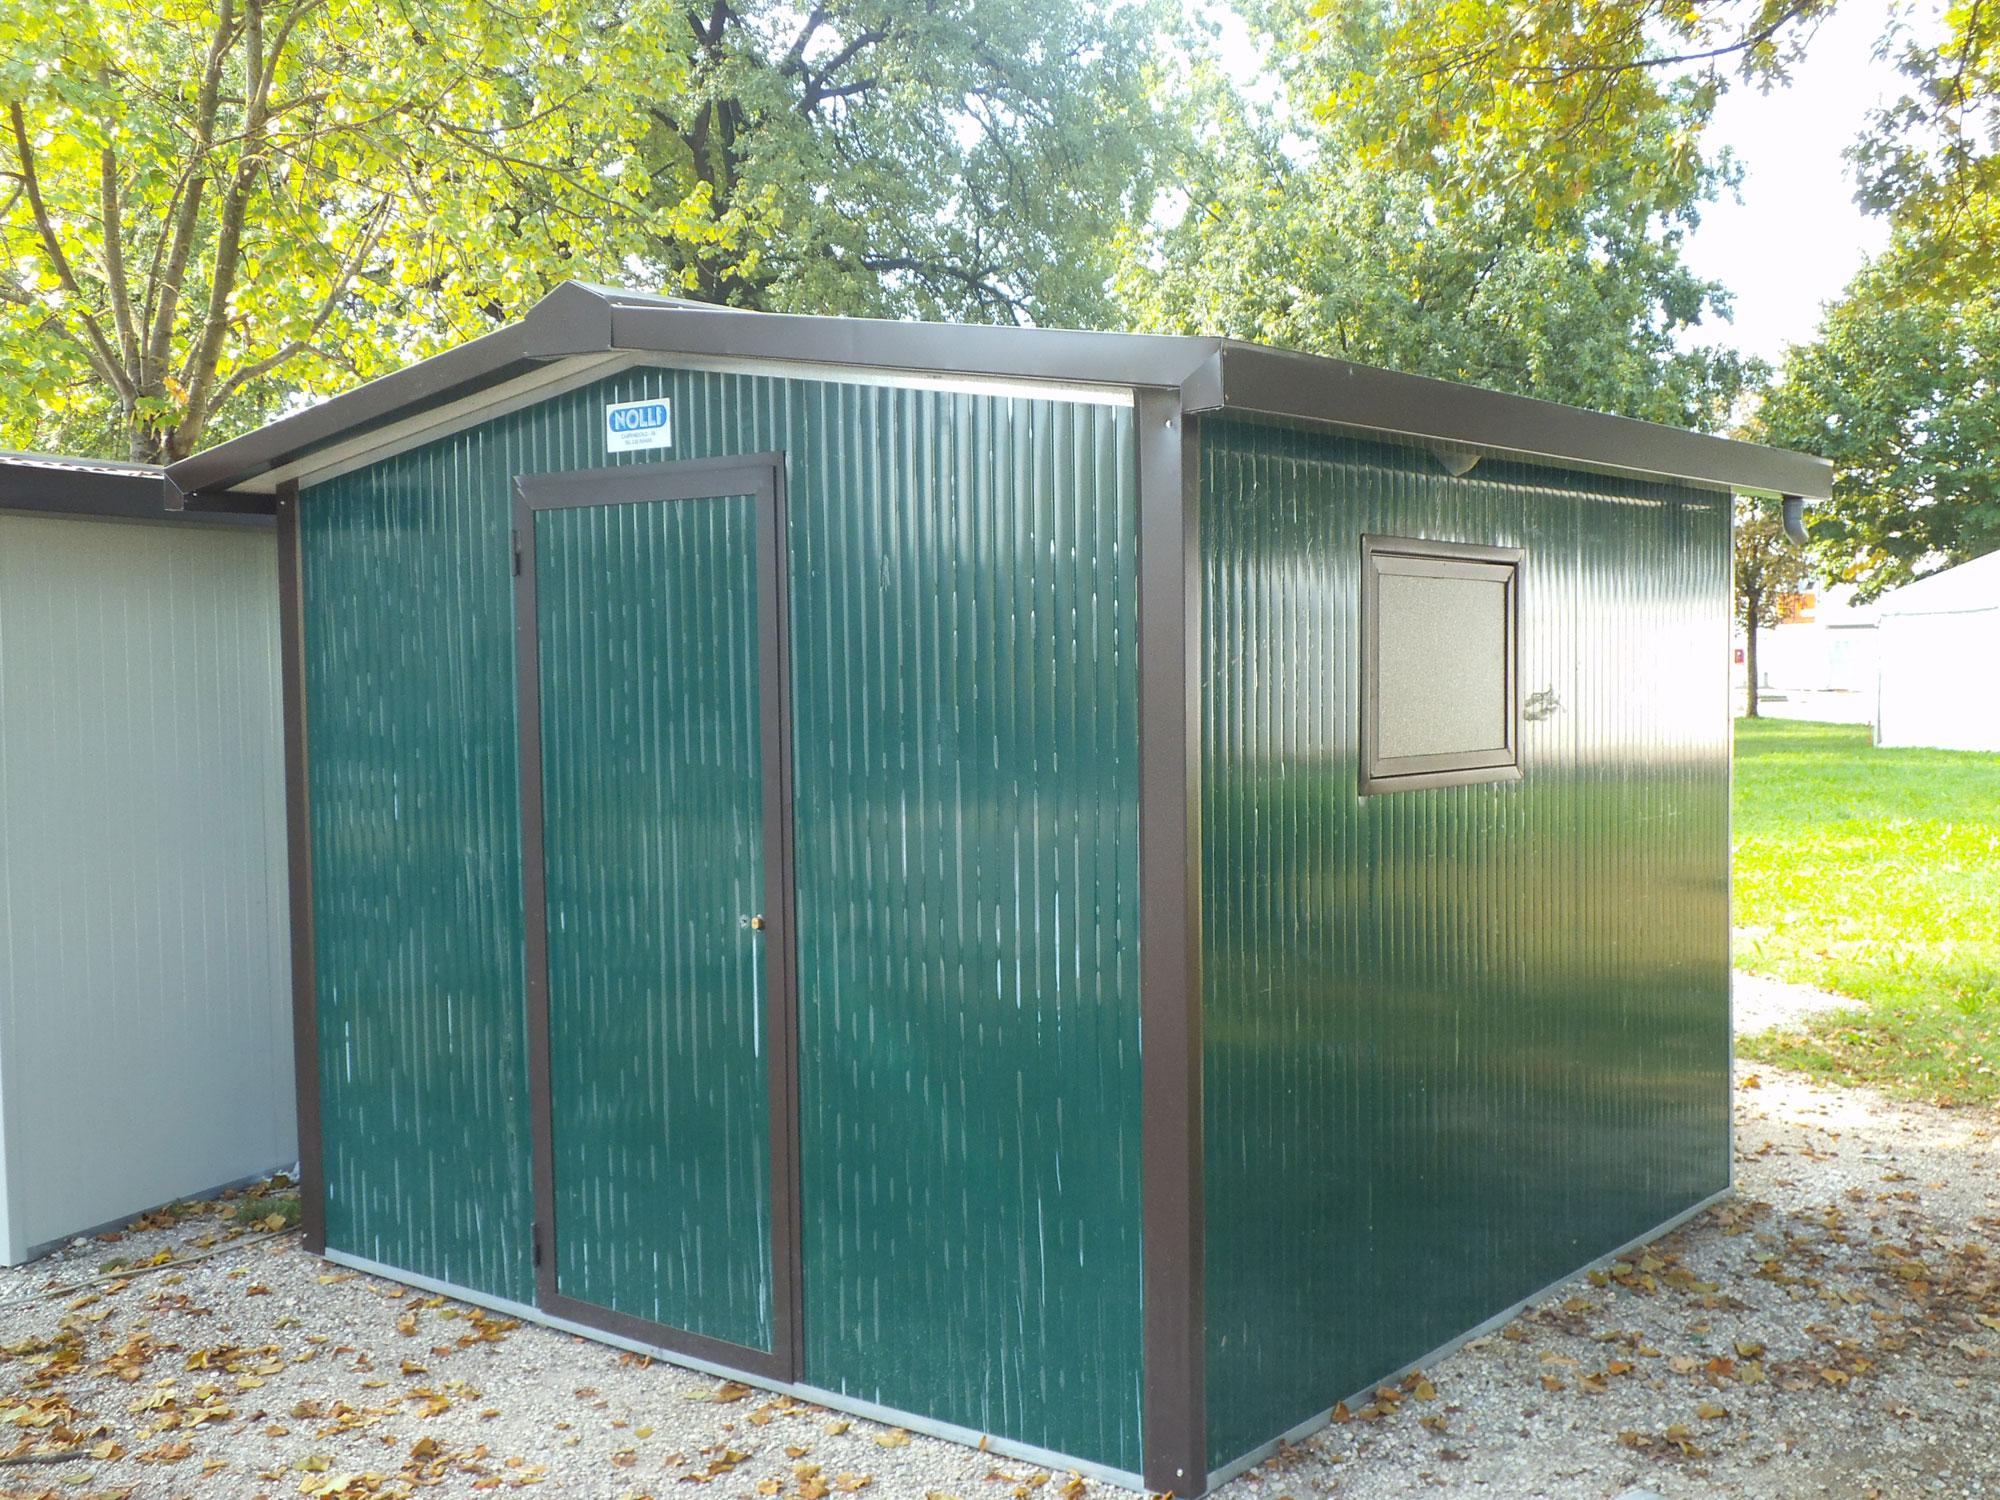 Casette da giardino nolli srl box prefabbricati ponteggi monoblocchi attrezzature edili - Casette in lamiera da giardino ...